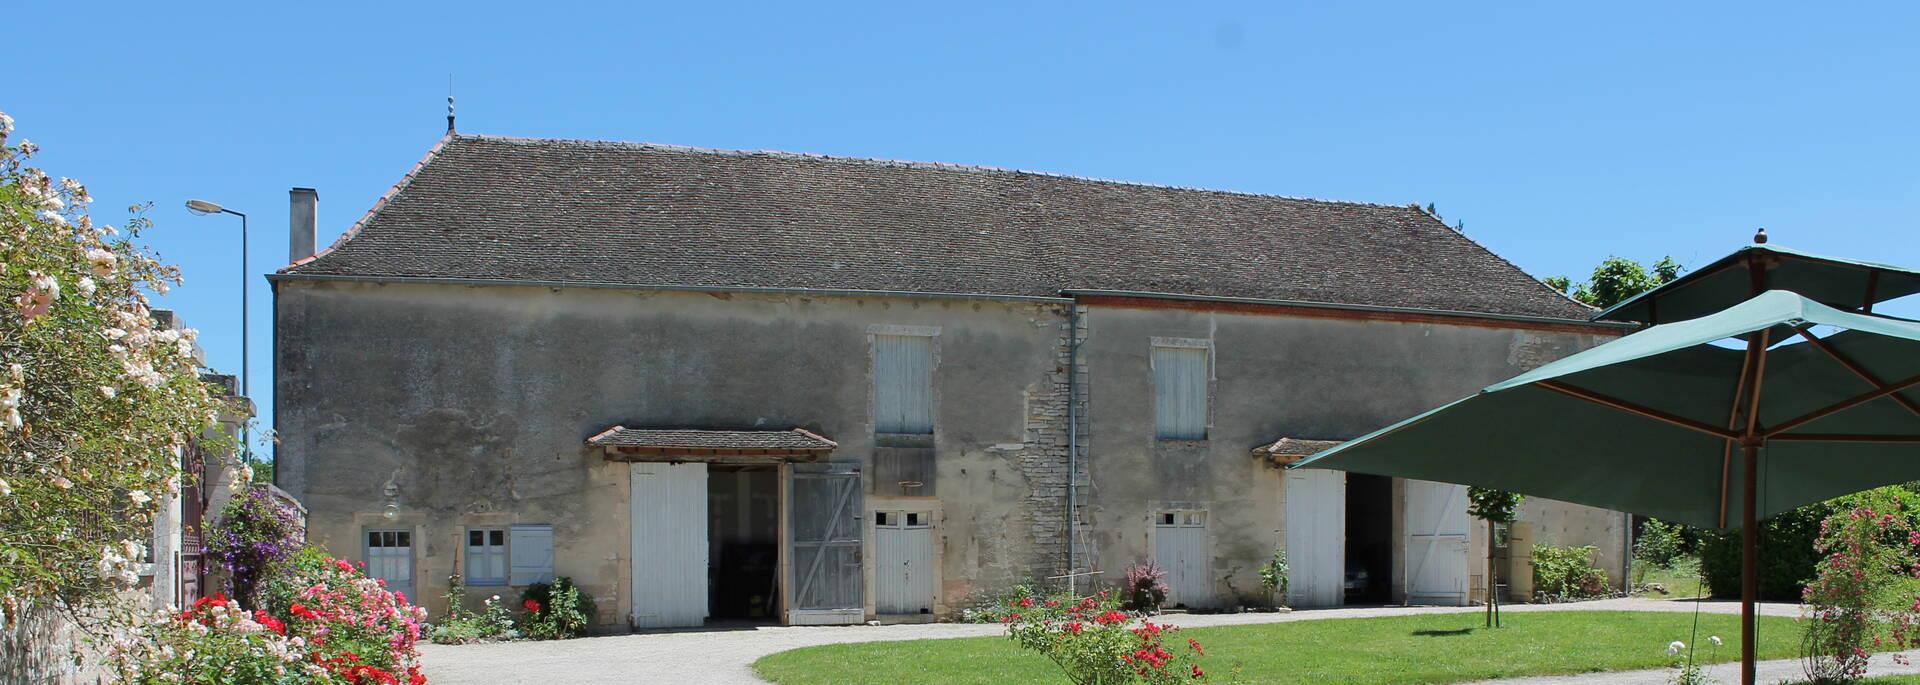 Gite bâtisse ancienne - © Office de Tourisme